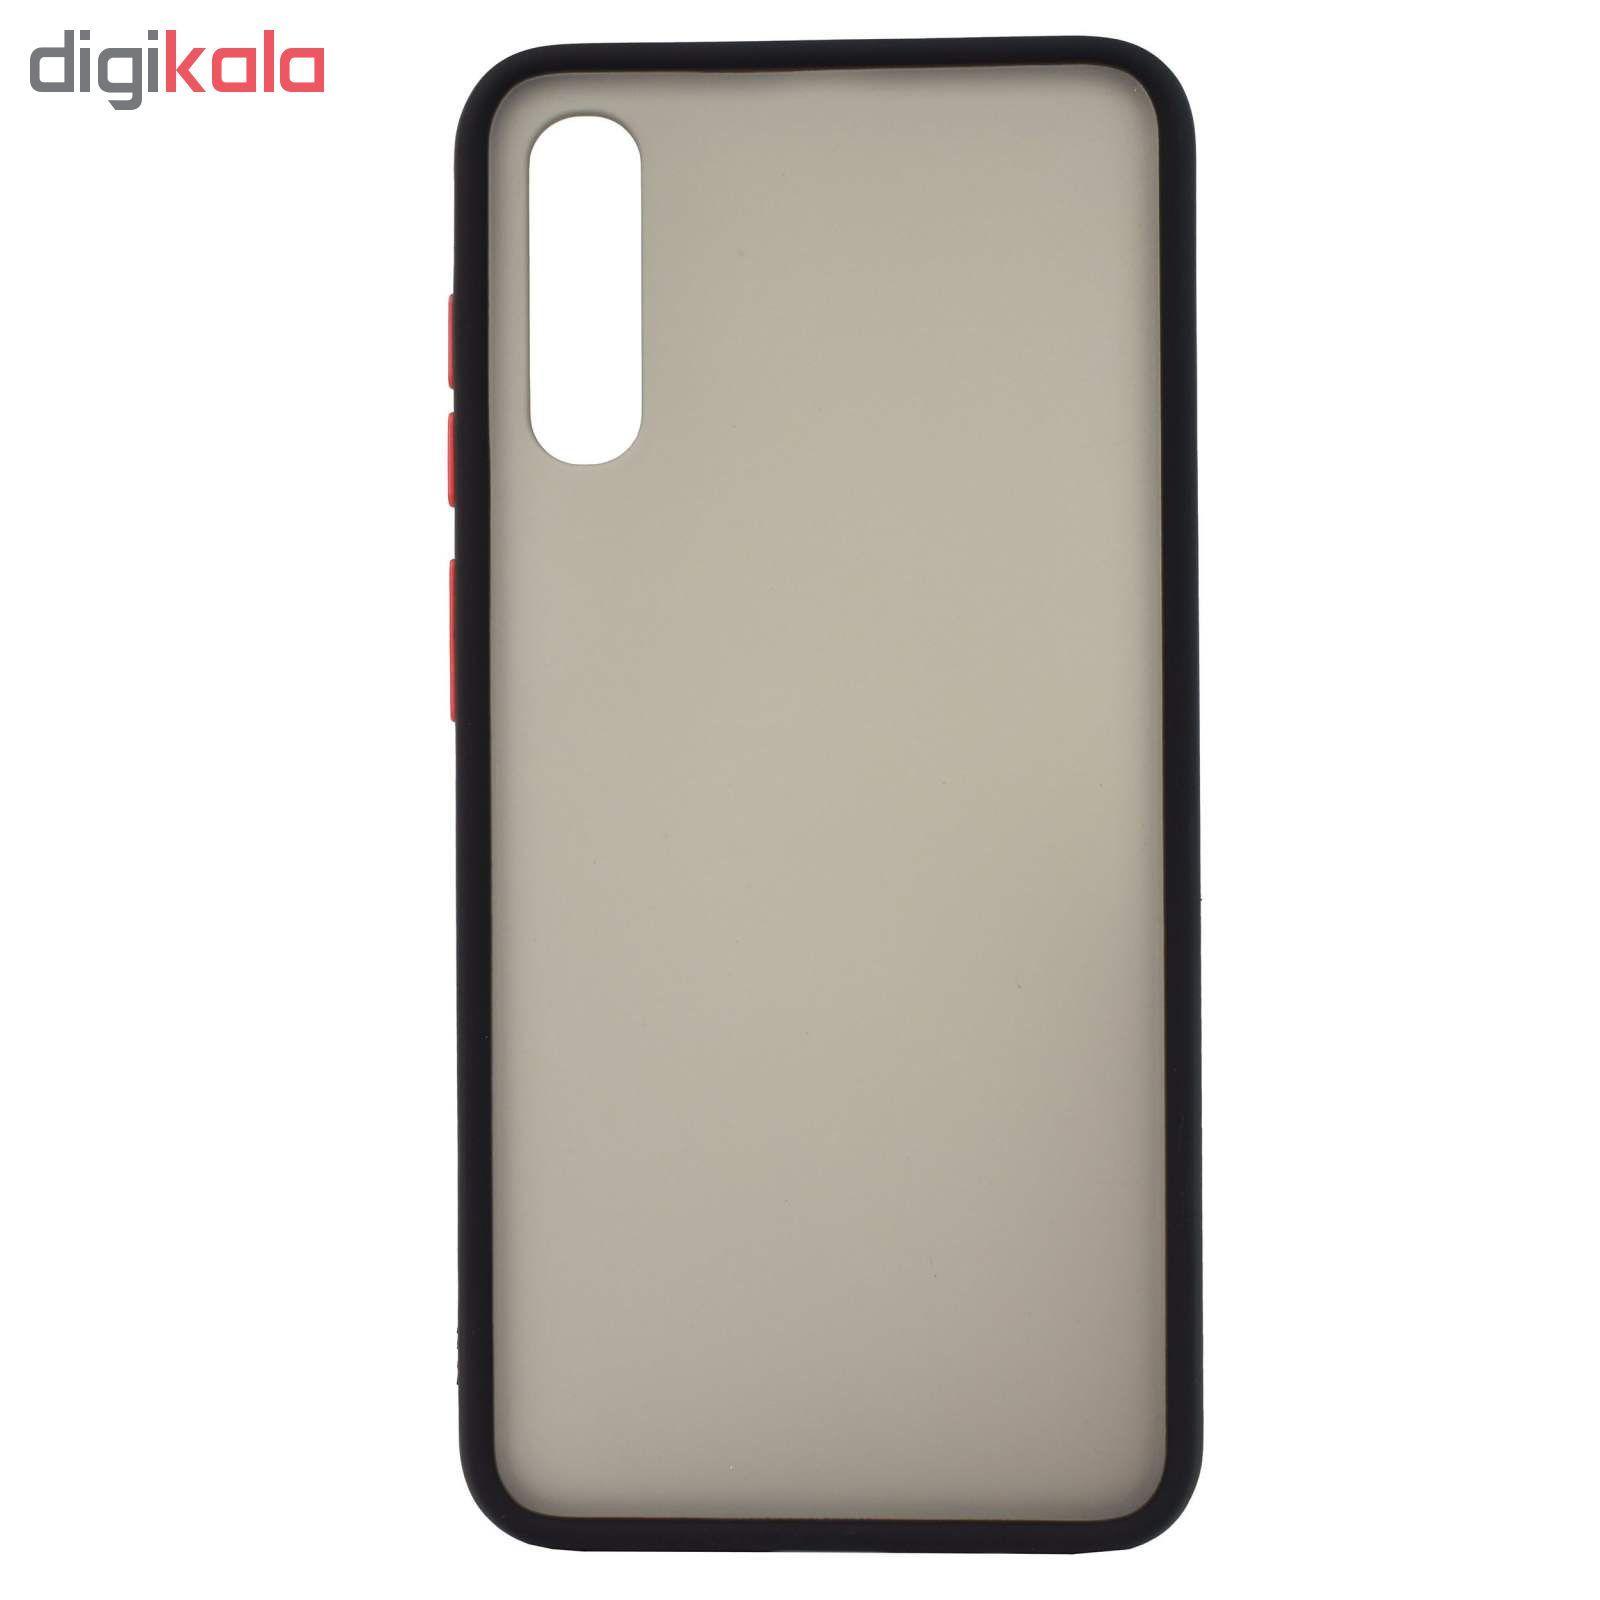 کاور مدل Sb-001 مناسب برای گوشی موبایل سامسونگ Galaxy A50/A30s/A50s main 1 4